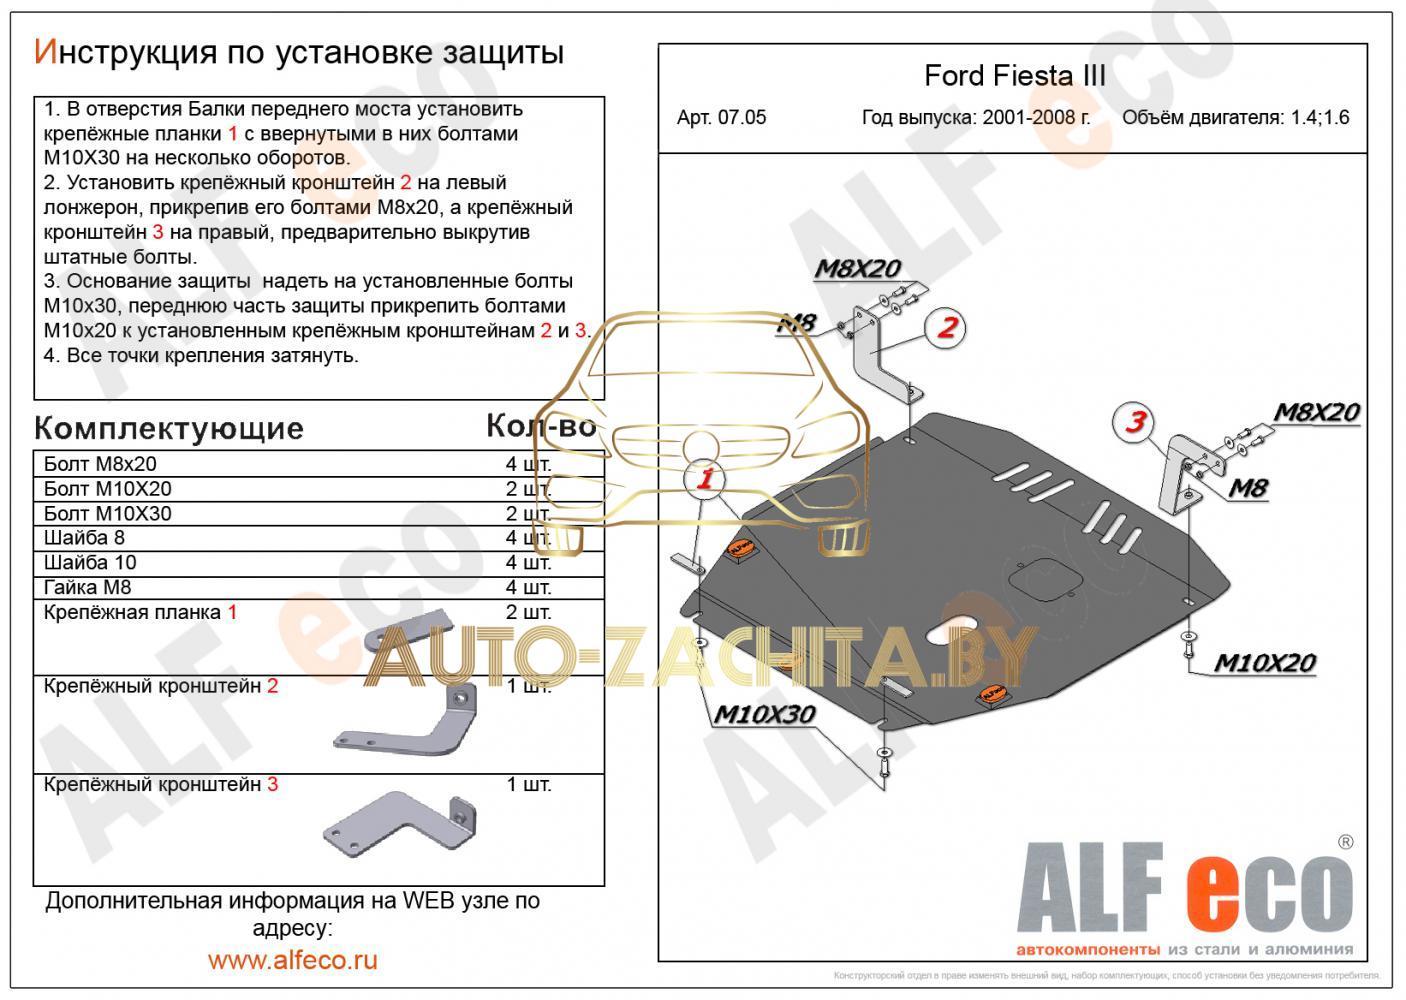 Металлическая защита двигателя Ford Fiesta V 2001-2010